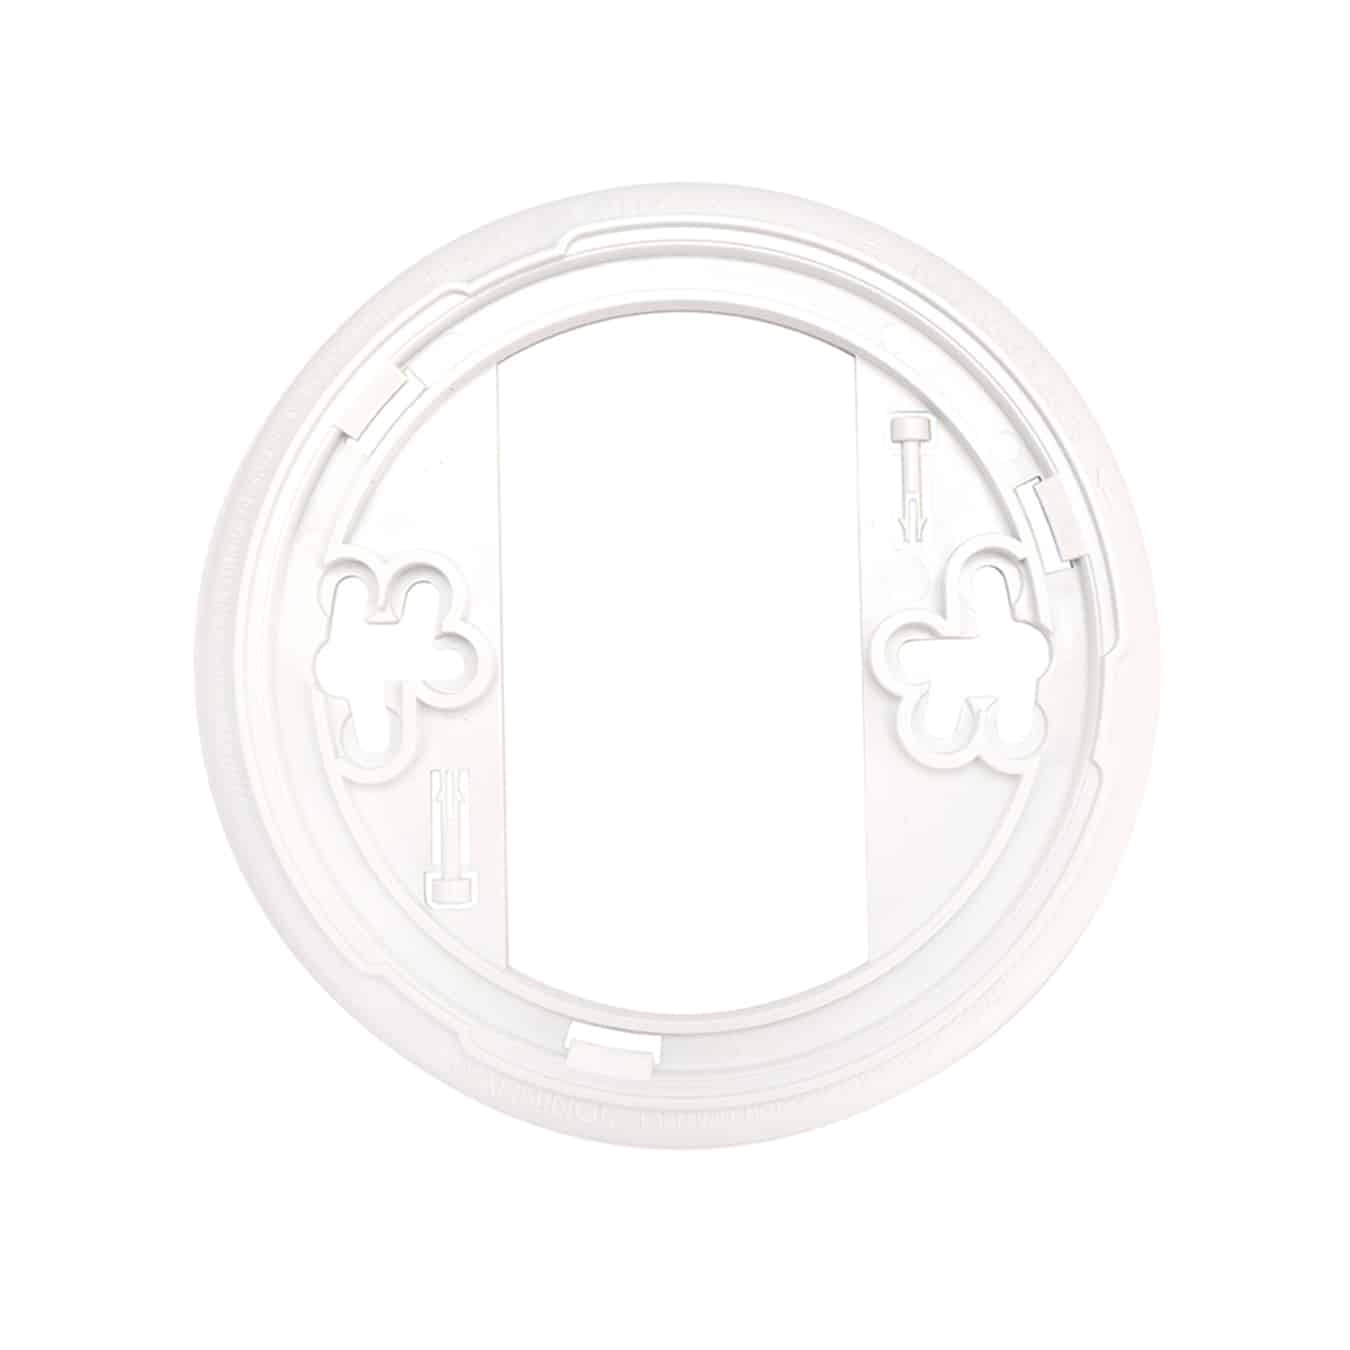 Koop BRK 7010BE Rookmelder 230v